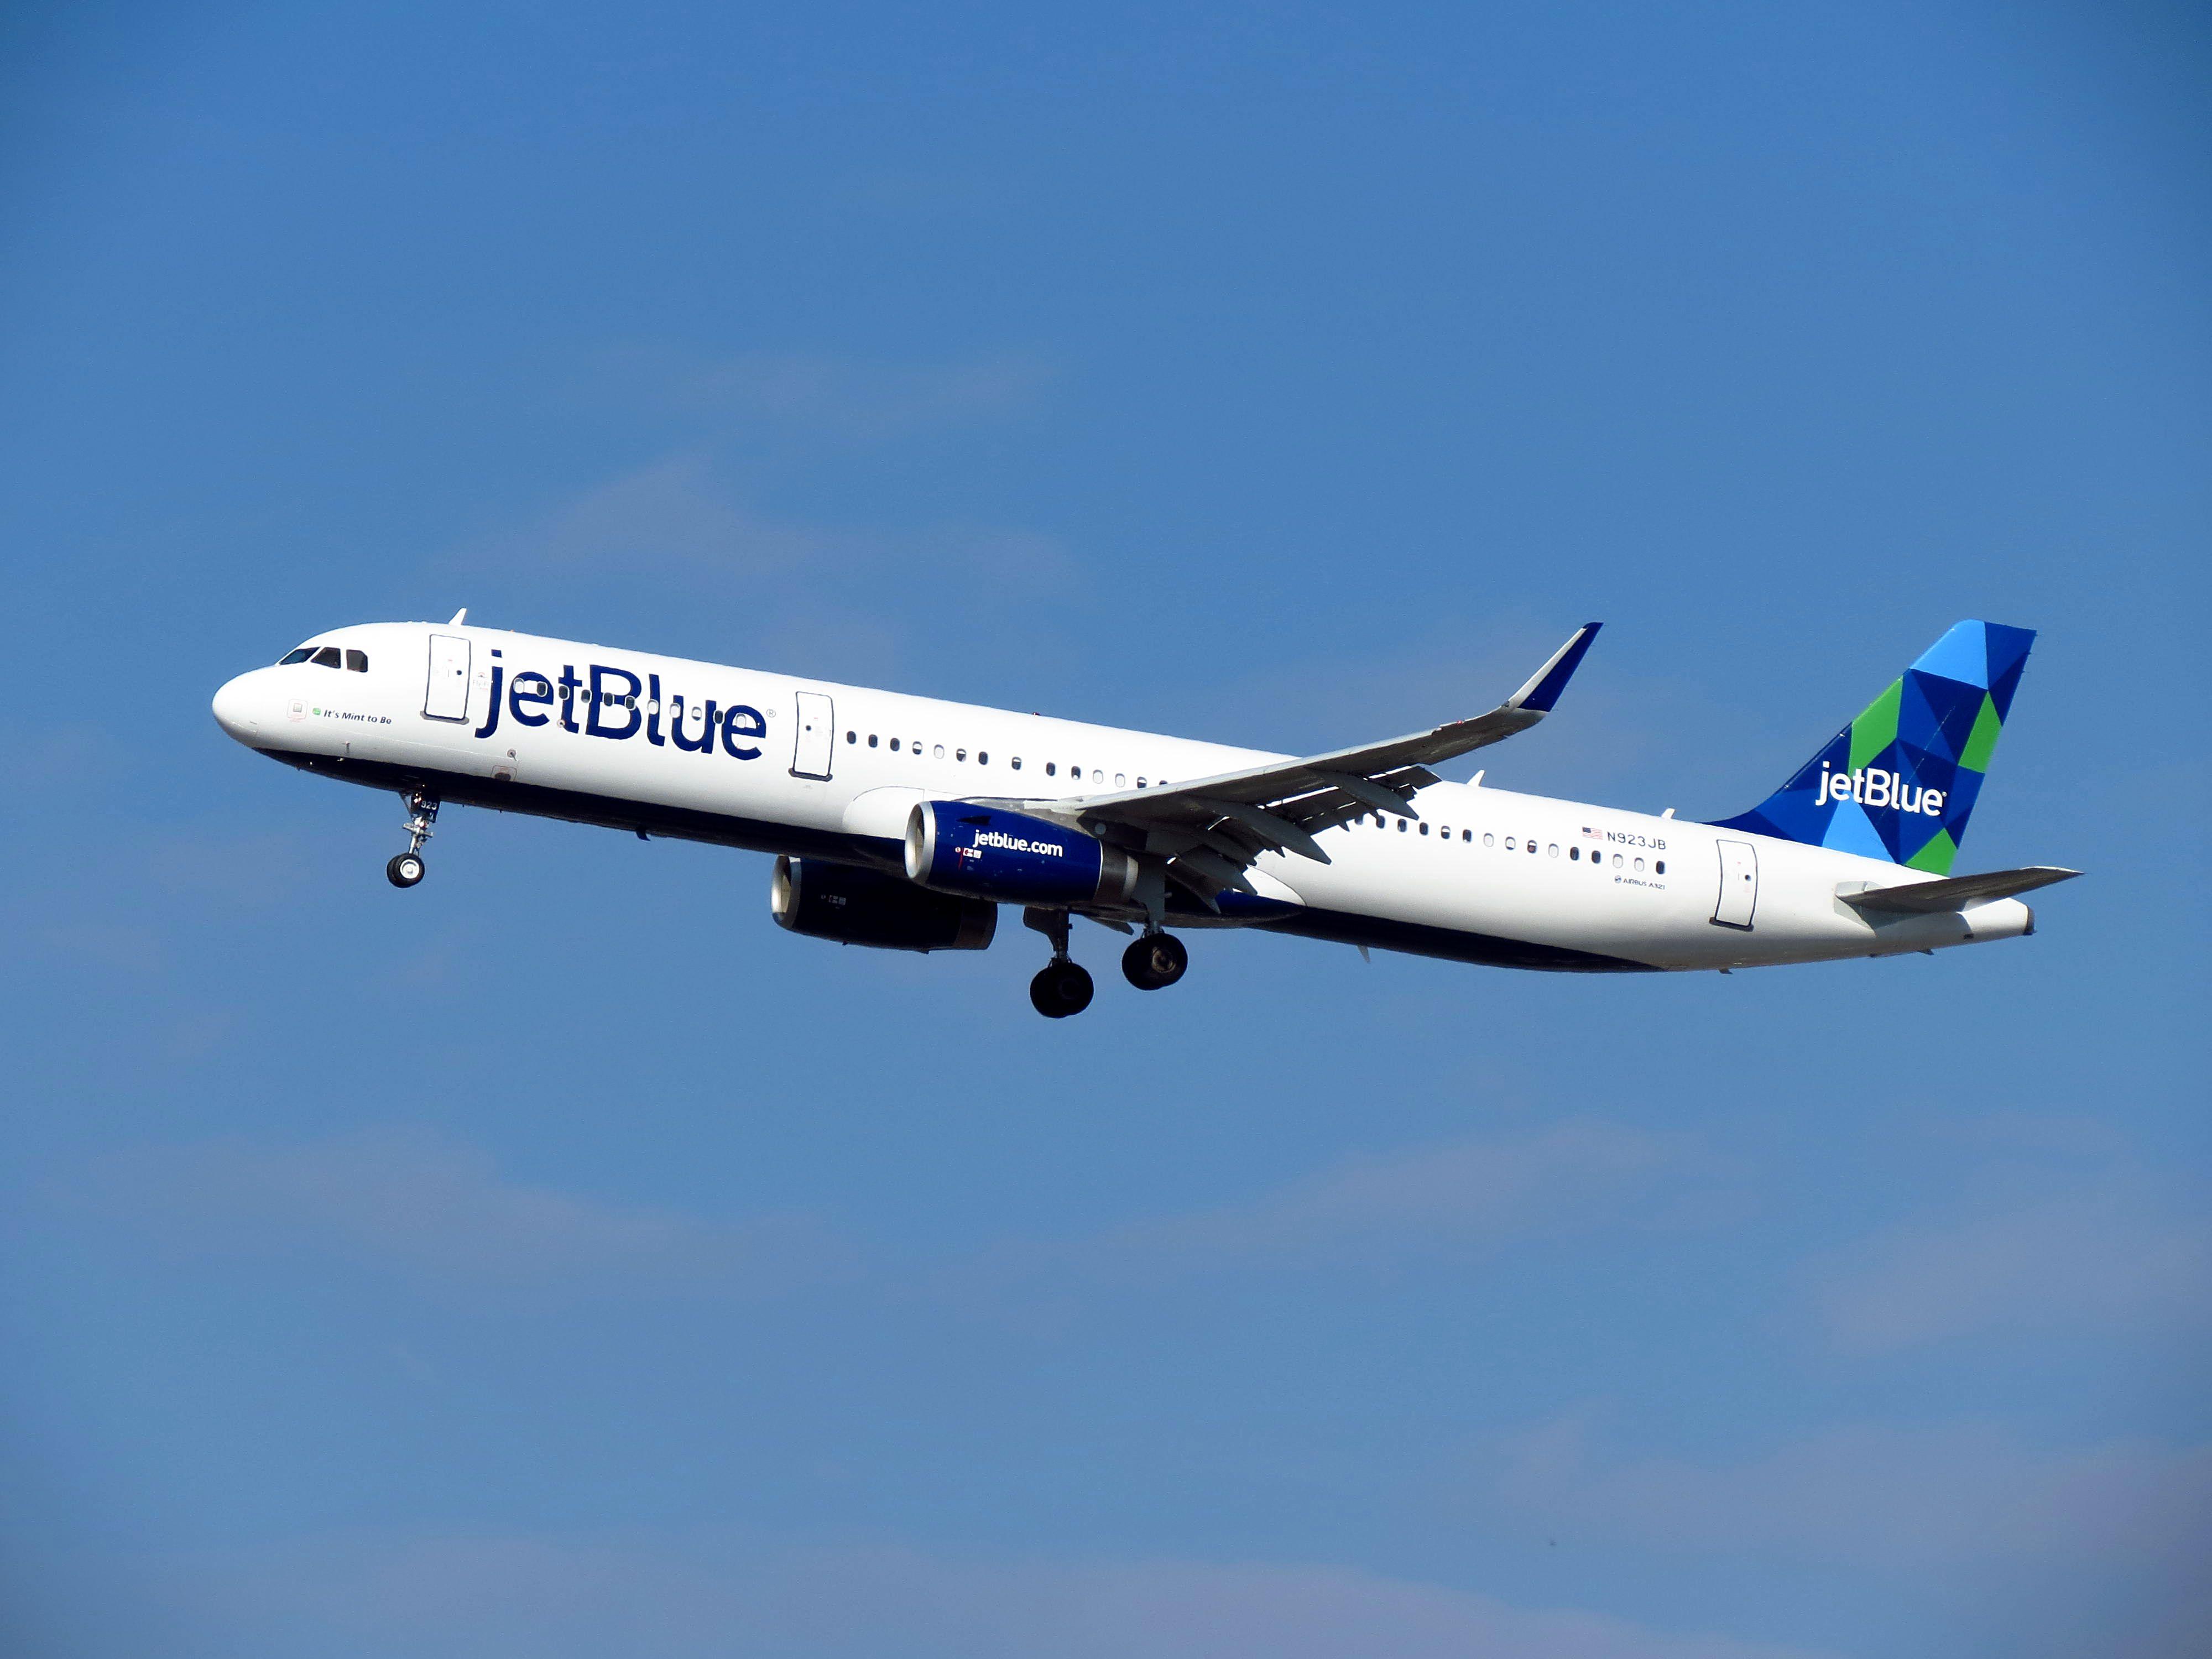 En Airbus A321-200 fra det amerikanske lavprisflyselskab JetBlue. Foto: redlegsfan21